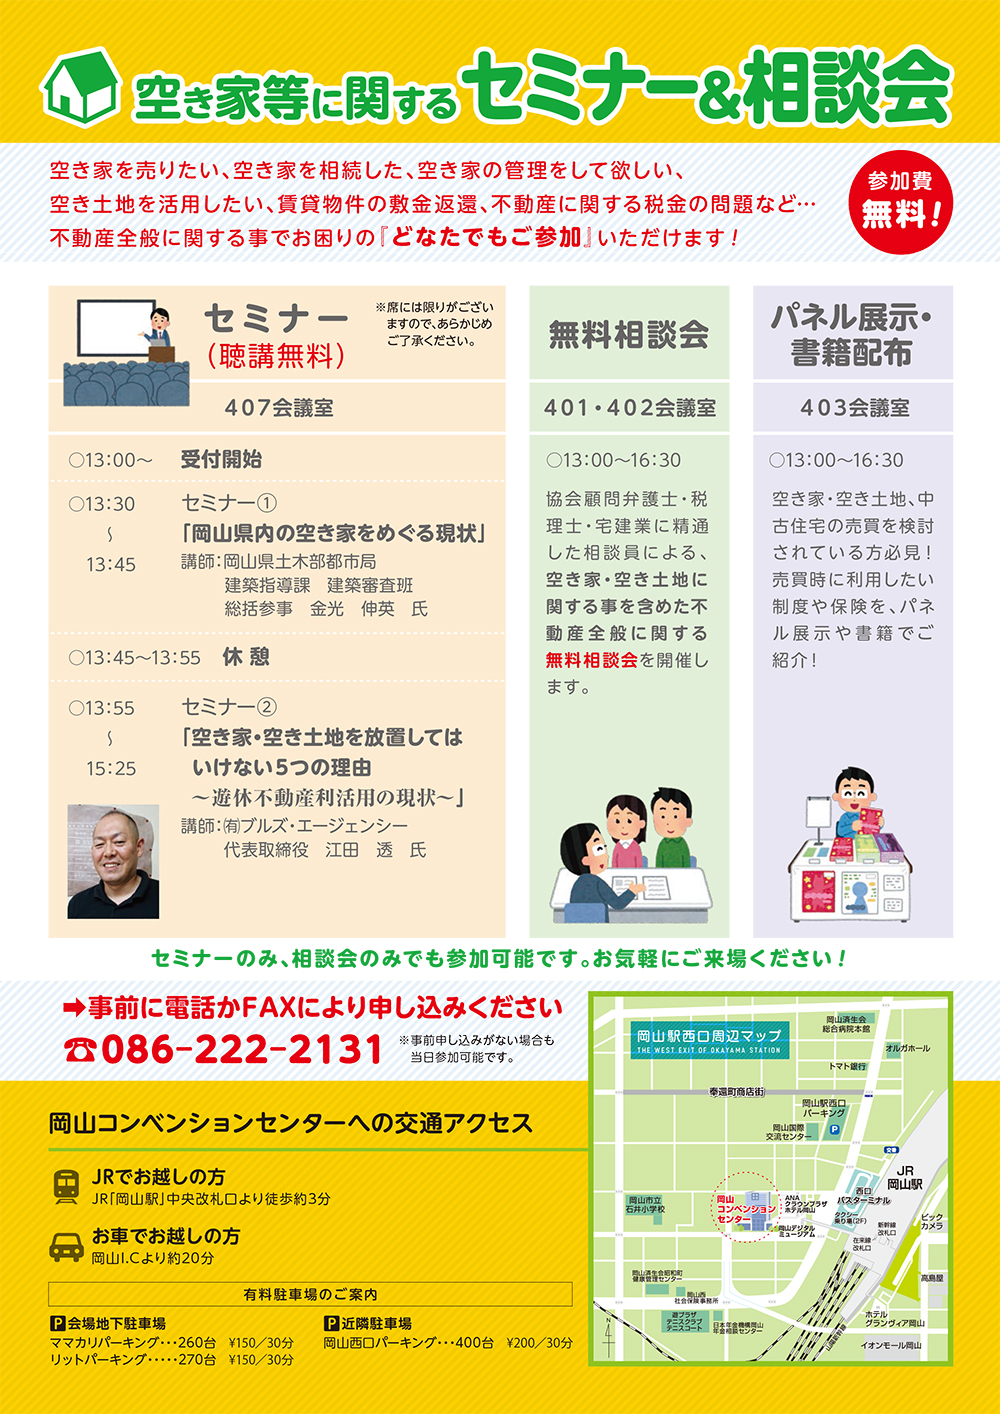 10月29日 セミナー&相談会 チラシ-2